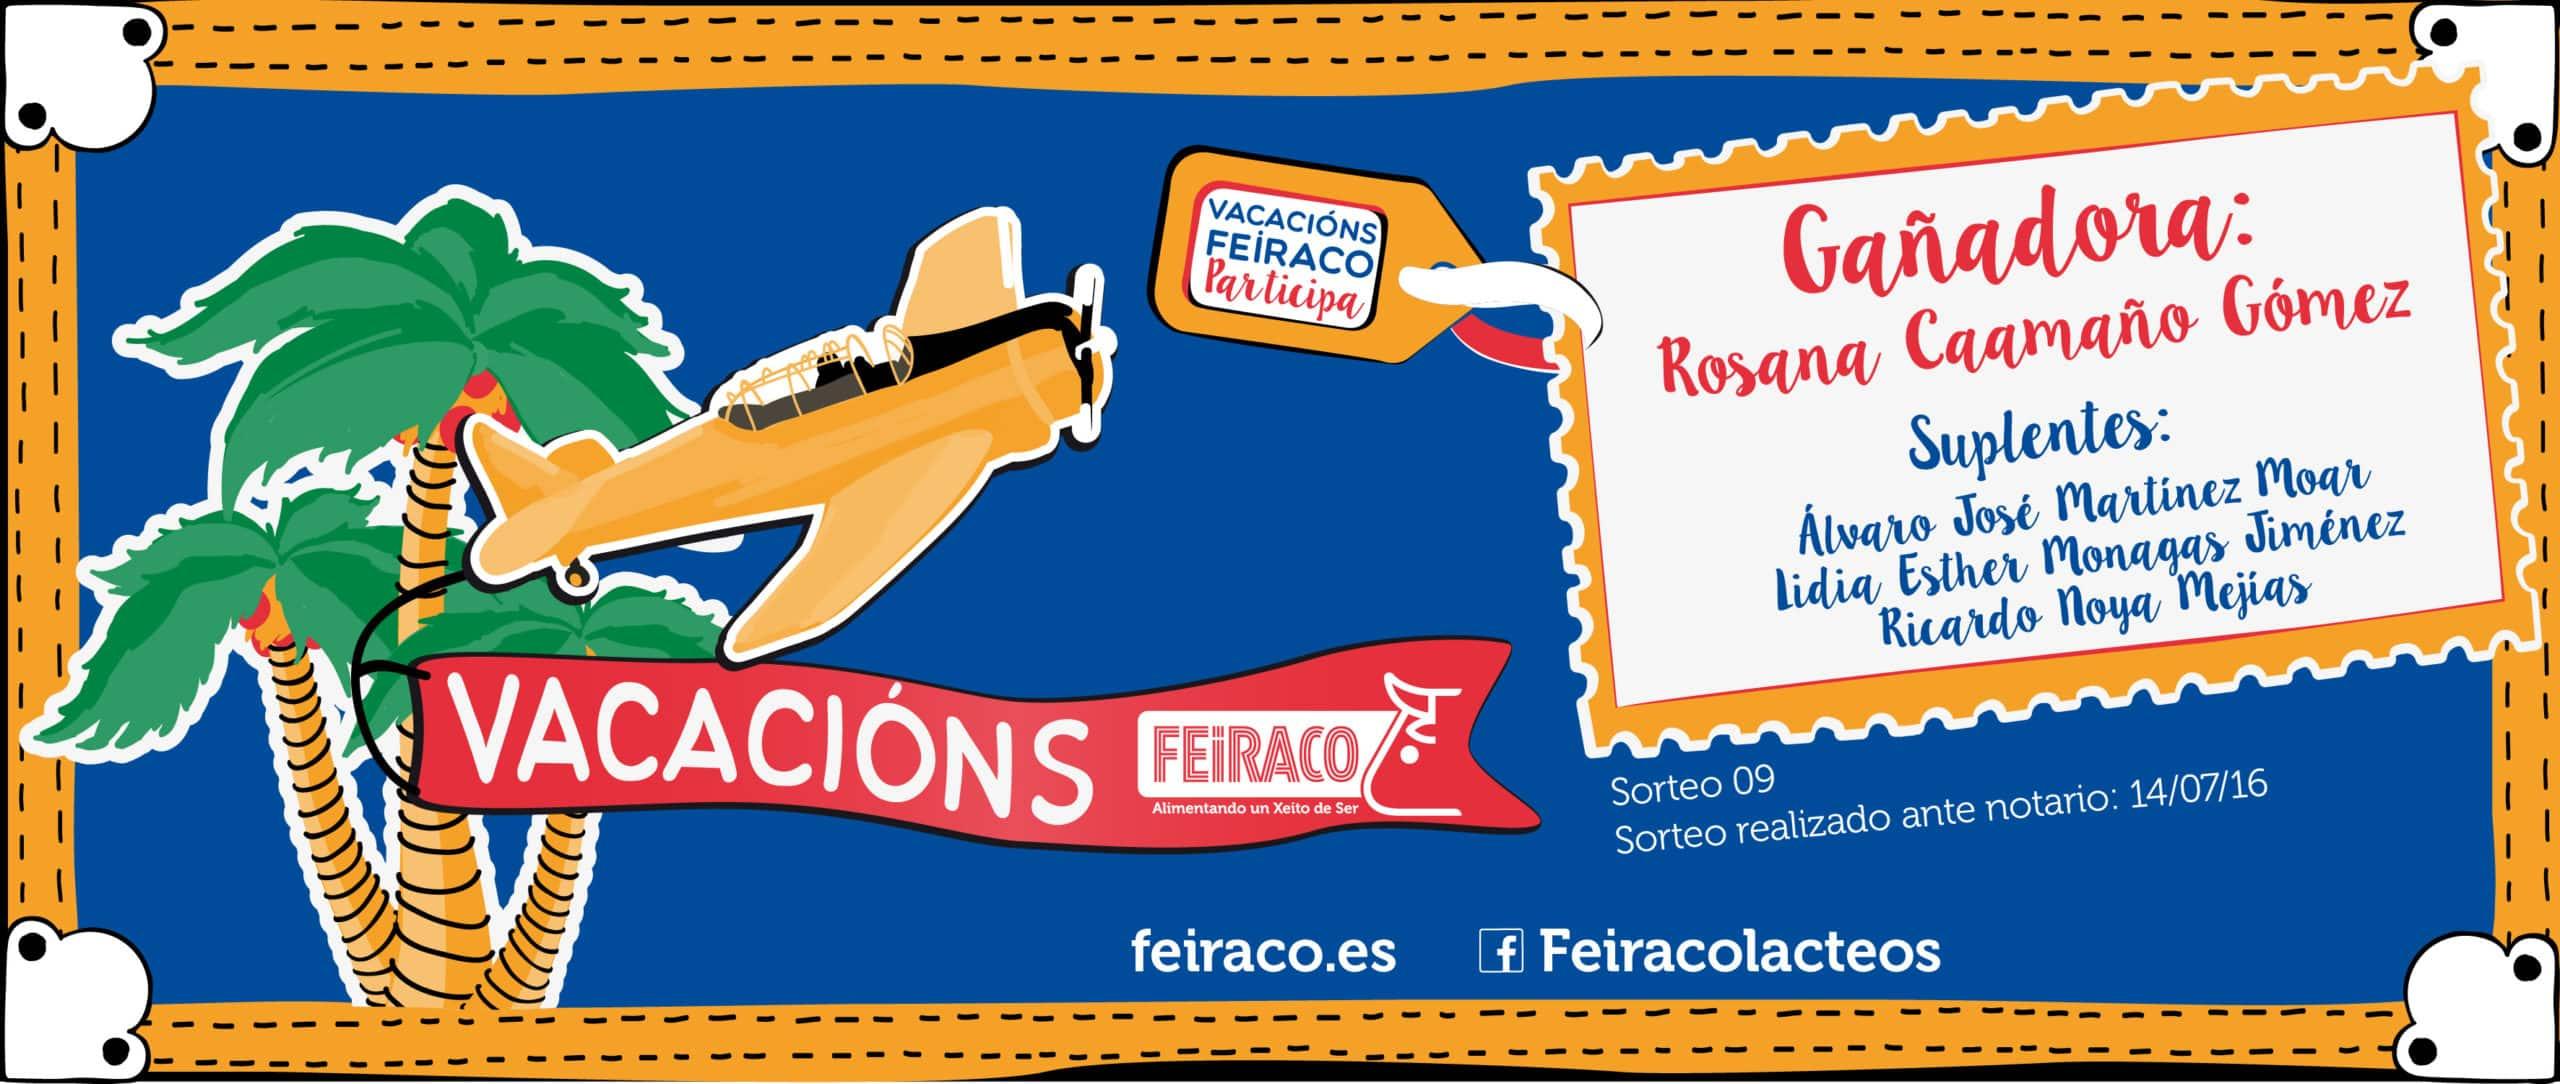 Feiraco Vacaciones ganador 09